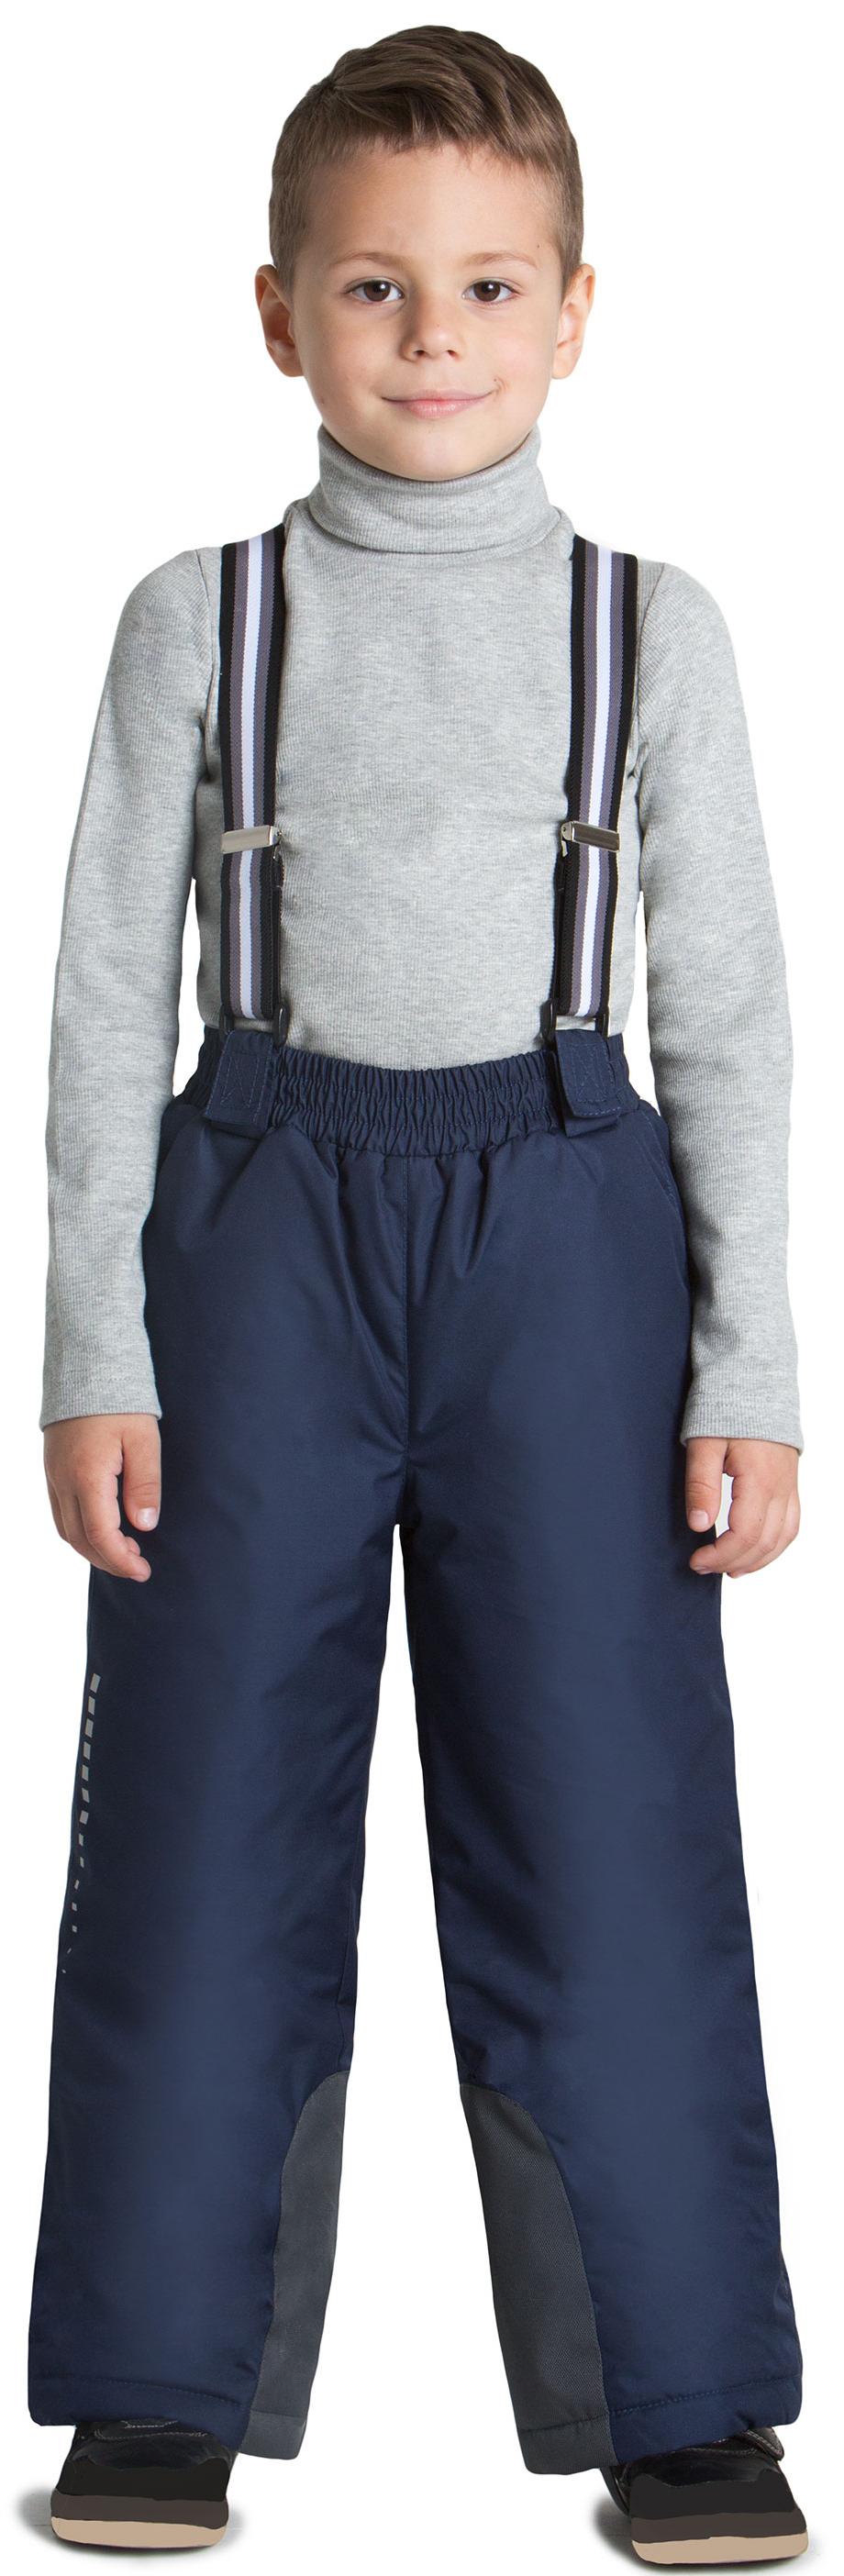 Полукомбинезон для мальчика Barkito W17B4007P(1) полукомбинезон джинсовый для мальчика barkito деним